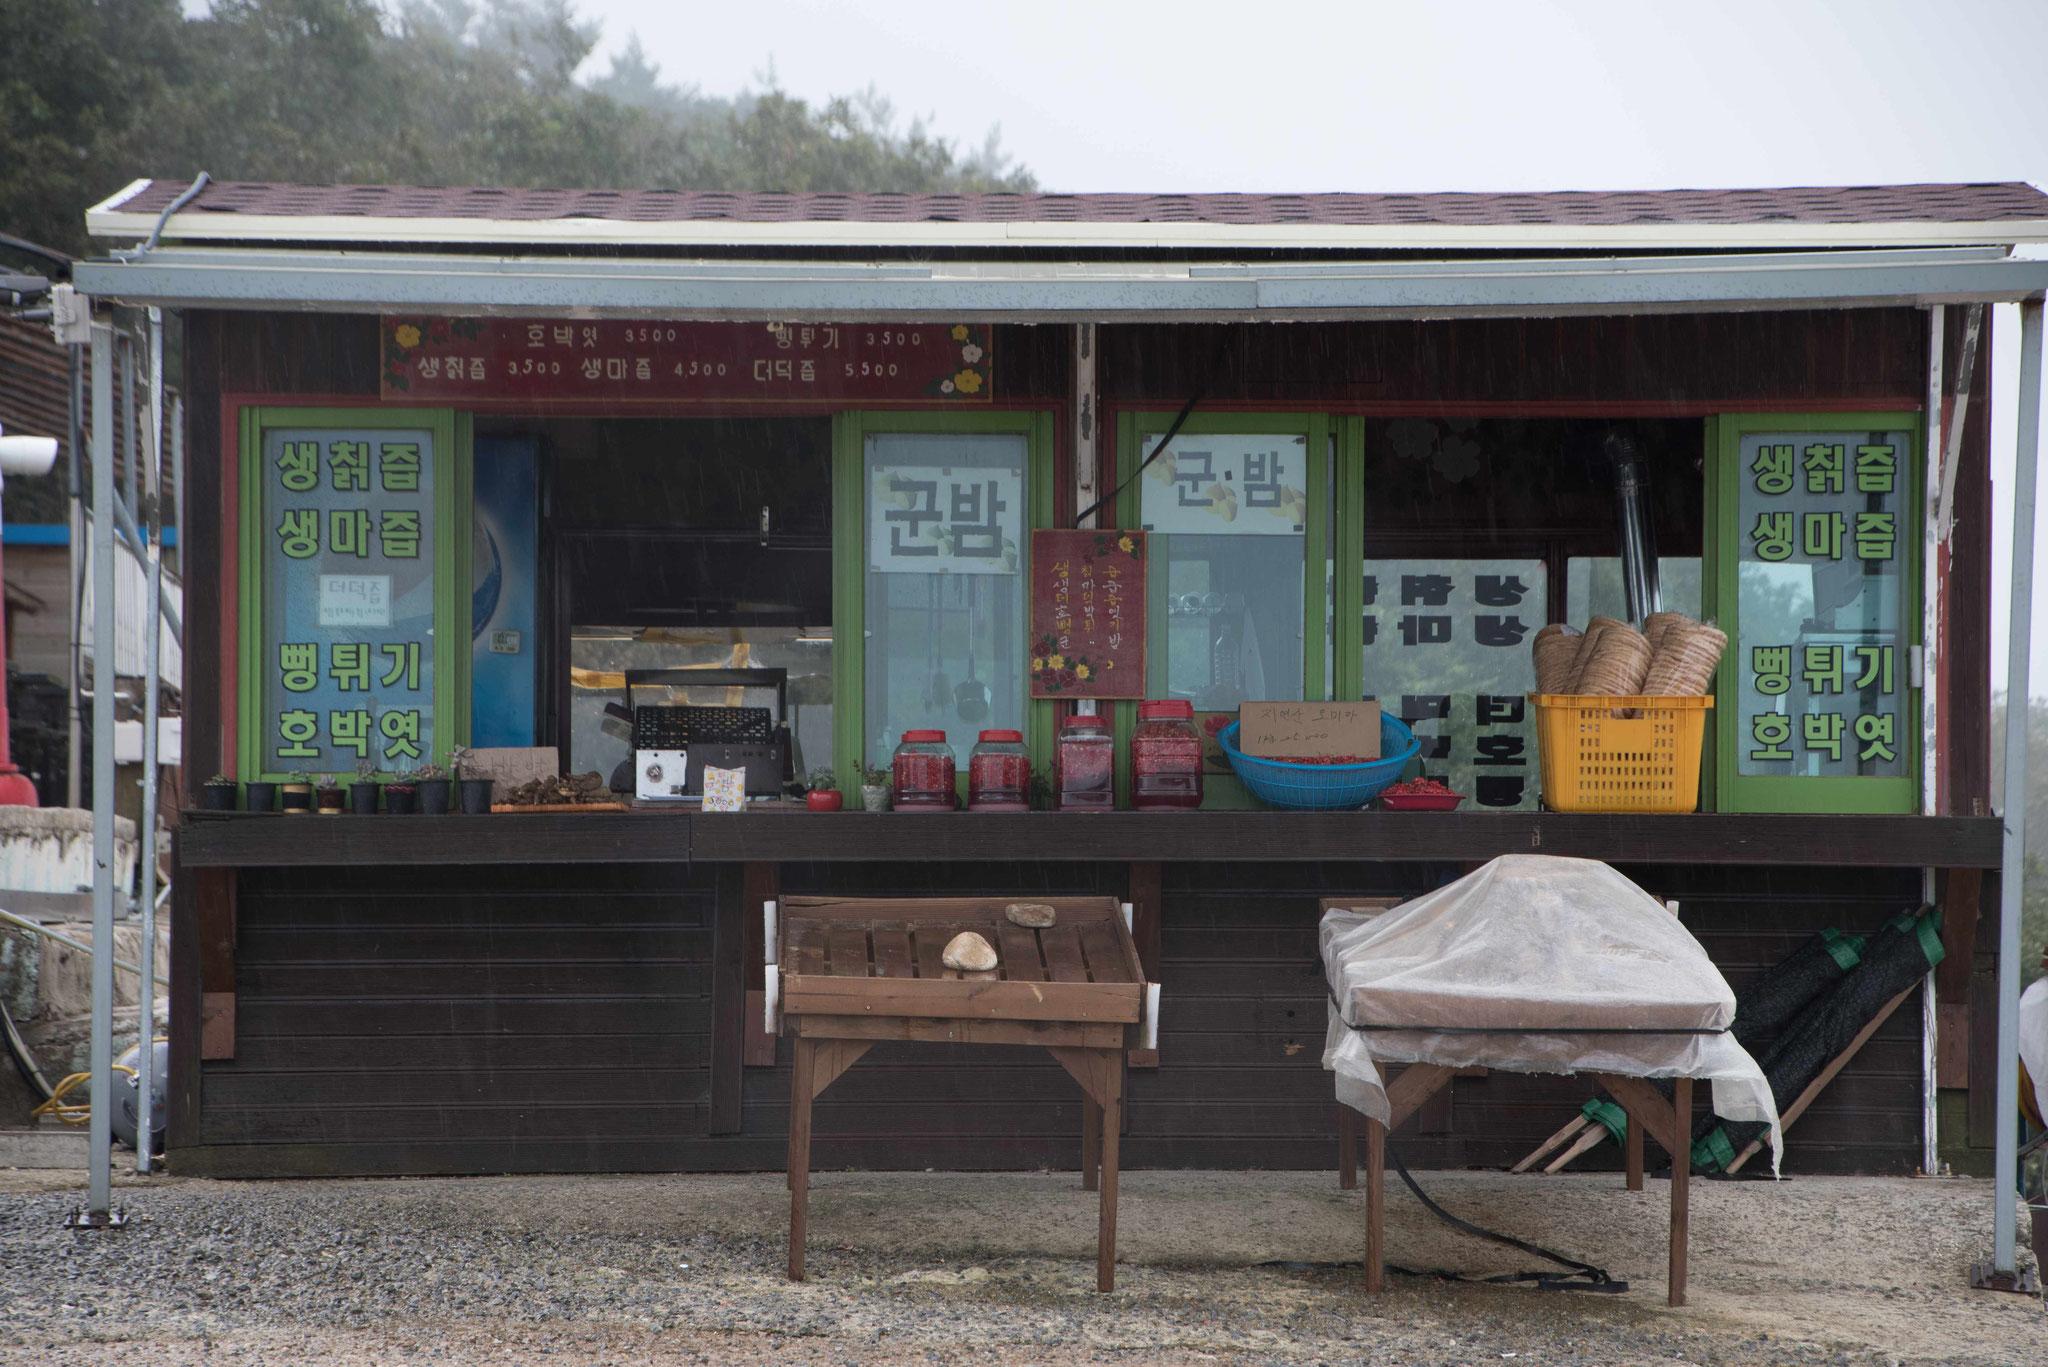 Souvenirshop und kleiner Kiosk zugleich